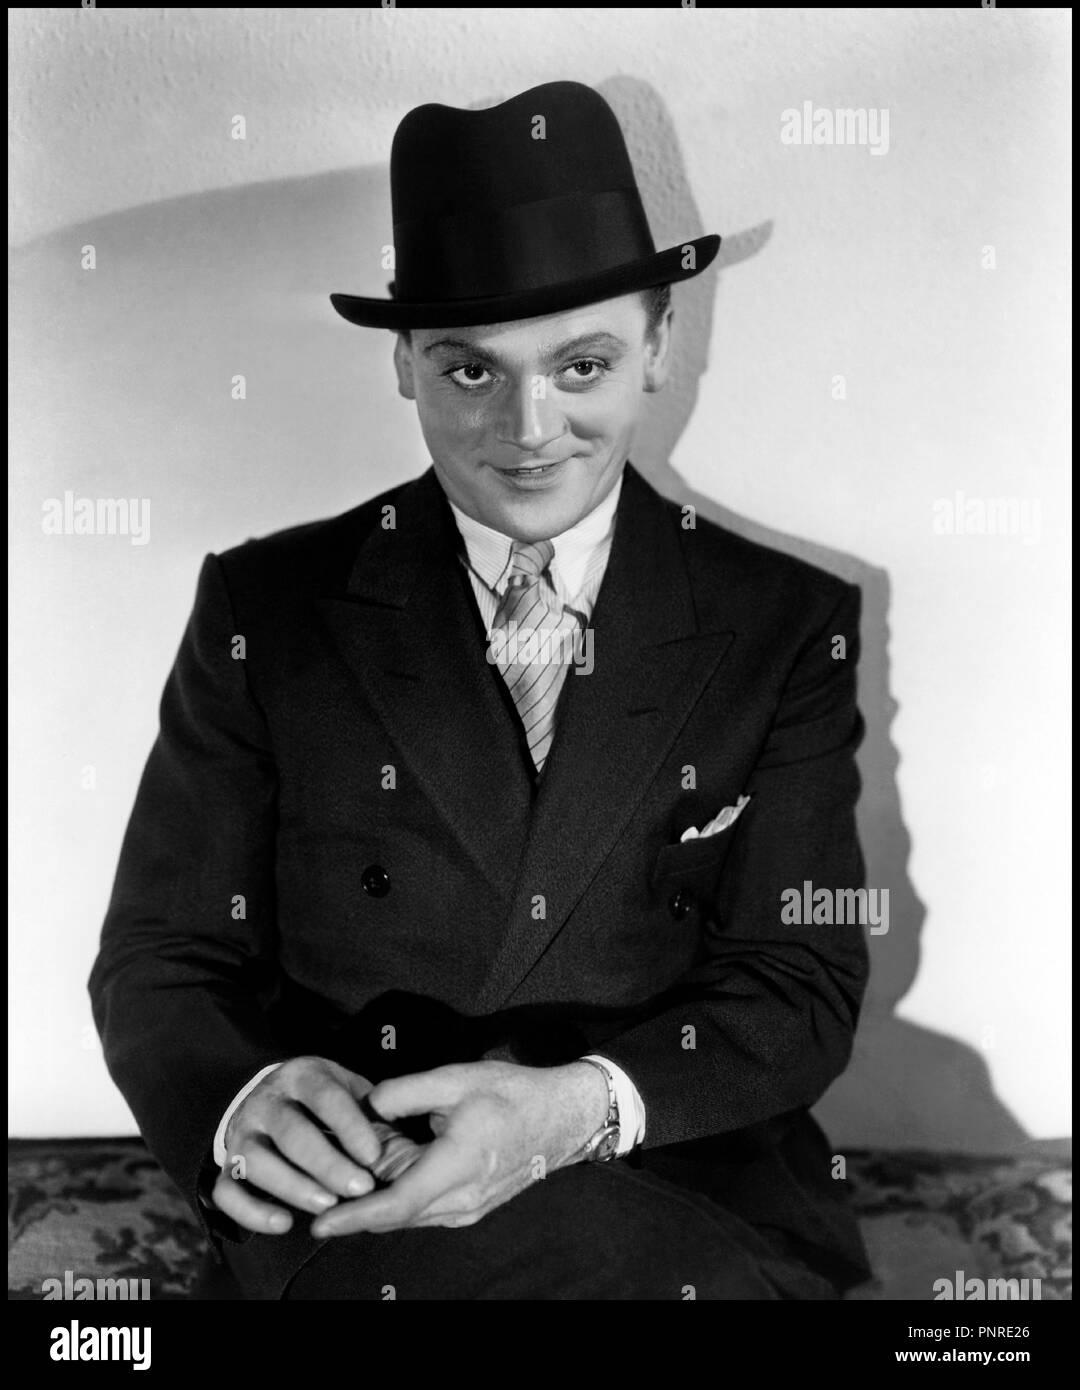 Prod DB © Warner Bros Pictures / DR otros hombres, mujeres de William A. Wellman 1931 USA avec James Cagney retrato, chapeau, gangster autre titre: La autopista de acero (1er titre) Imagen De Stock